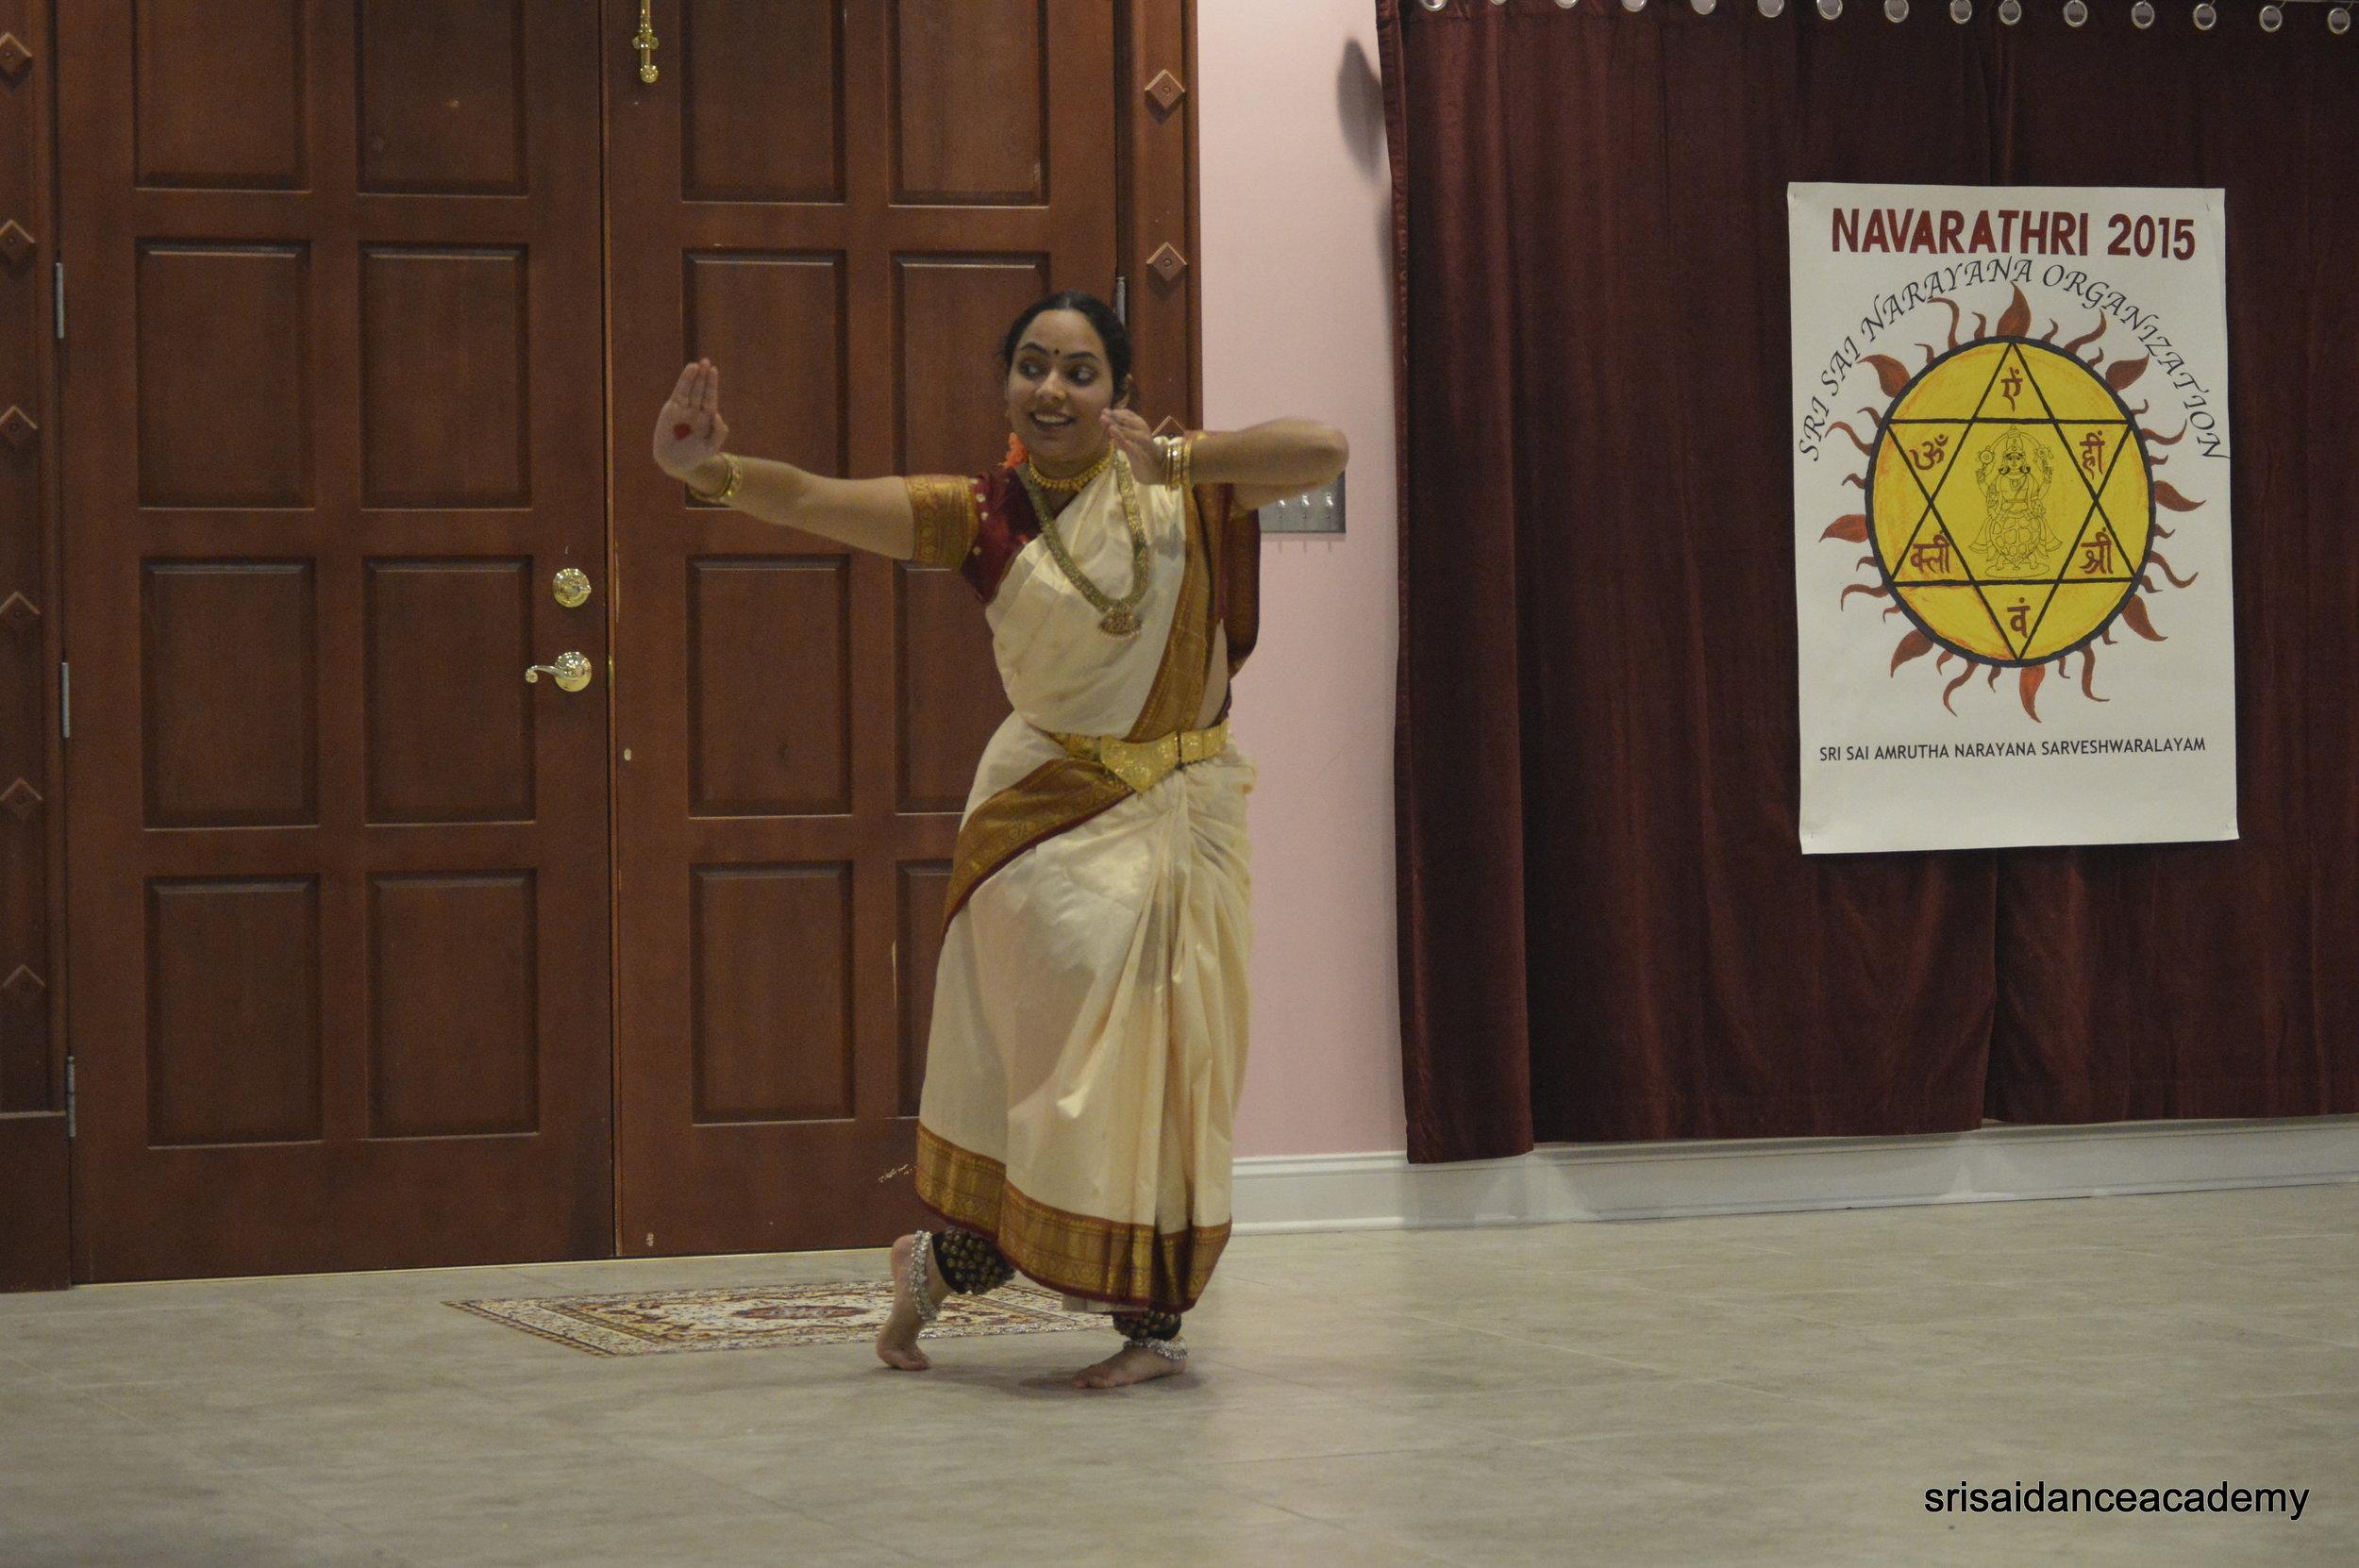 2015 Navaratri